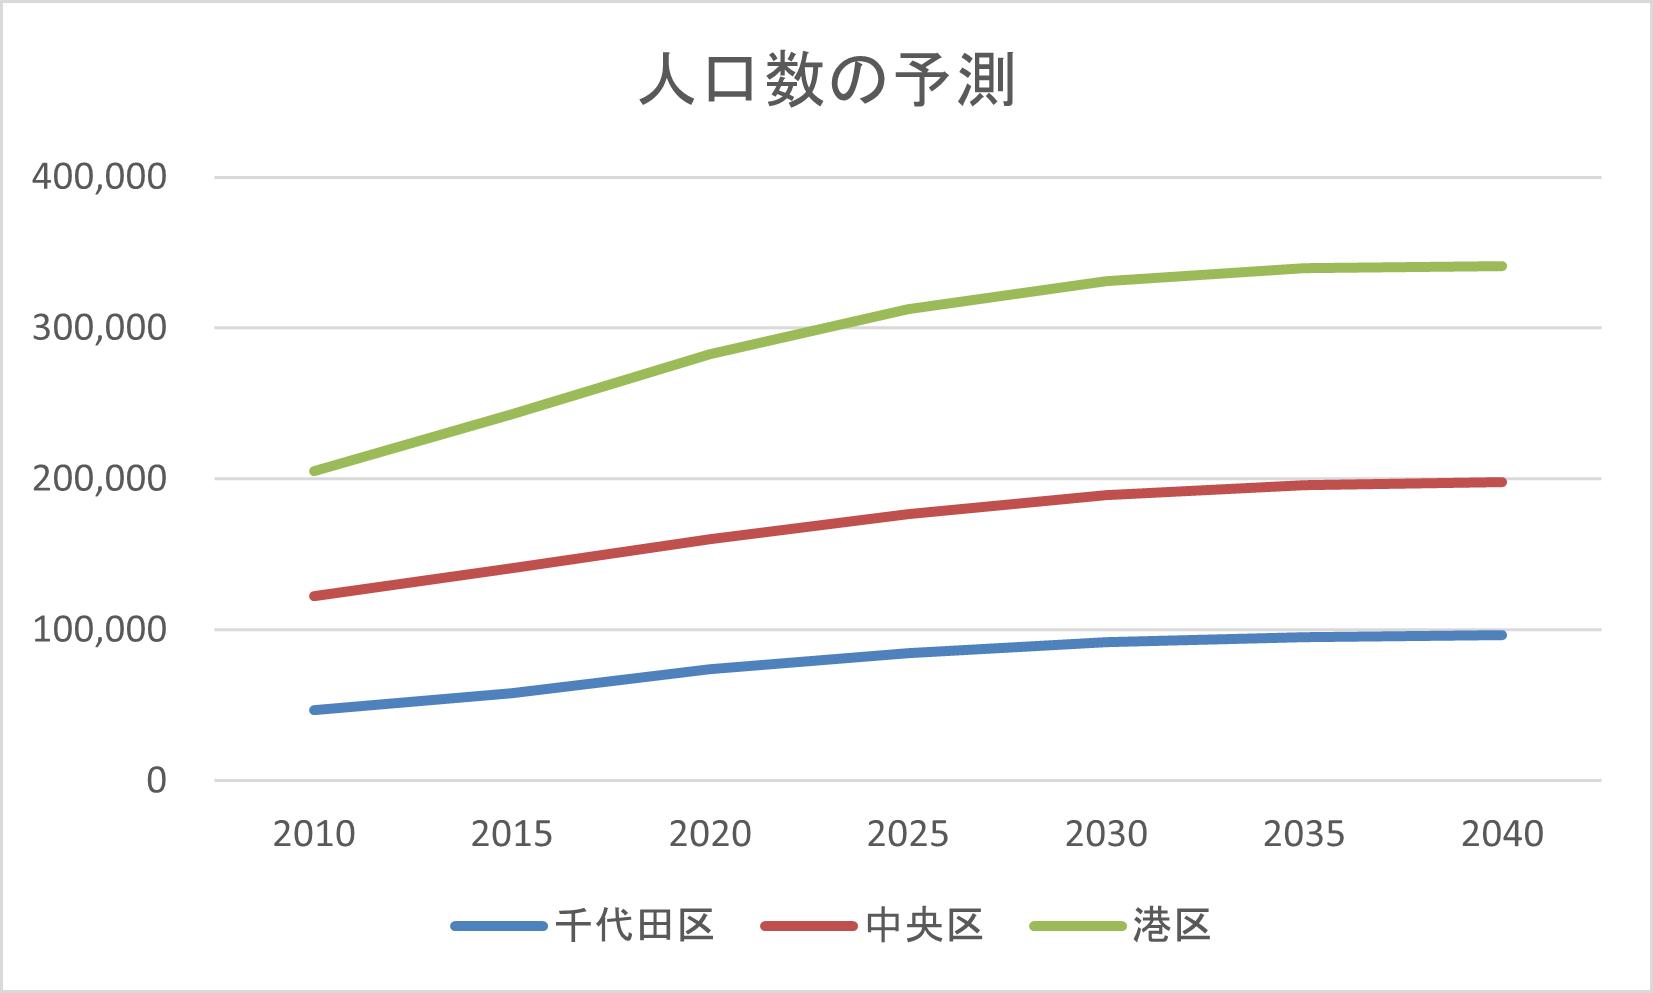 人口推移の予測